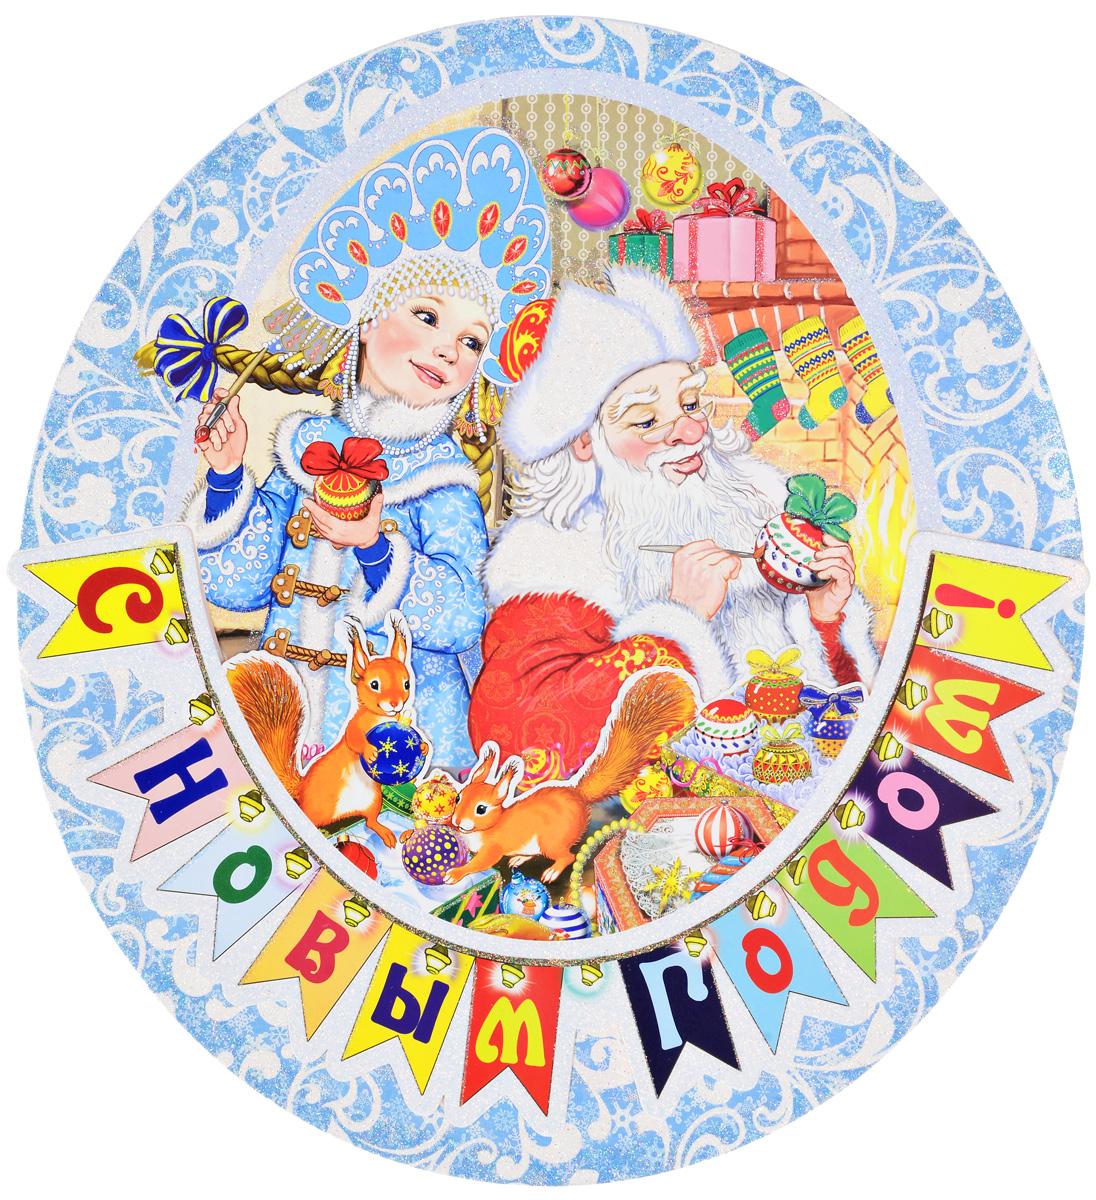 Украшение новогоднее оконное Magic Time Внучка Деда Мороза, двустороннее, 36 х 38 см75159Двухстороннее новогоднее украшение Magic Time Внучка Деда Мороза, выполнено из картона в виде панно и декорировано блестками. Изделие предназначено для праздничного оформления стен, окон и дверей. С помощью такого украшения можно составлять на мебели целые зимние сюжеты, которые будут радовать глаз и поднимать настроение в праздничные дни! Также вы можете преподнести этот сувенир в качестве мини-презента коллегам, близким и друзьям с пожеланиями счастливого Нового Года!В комплект входят клеевые подушечки.Плотность картона: 300 г/м2.